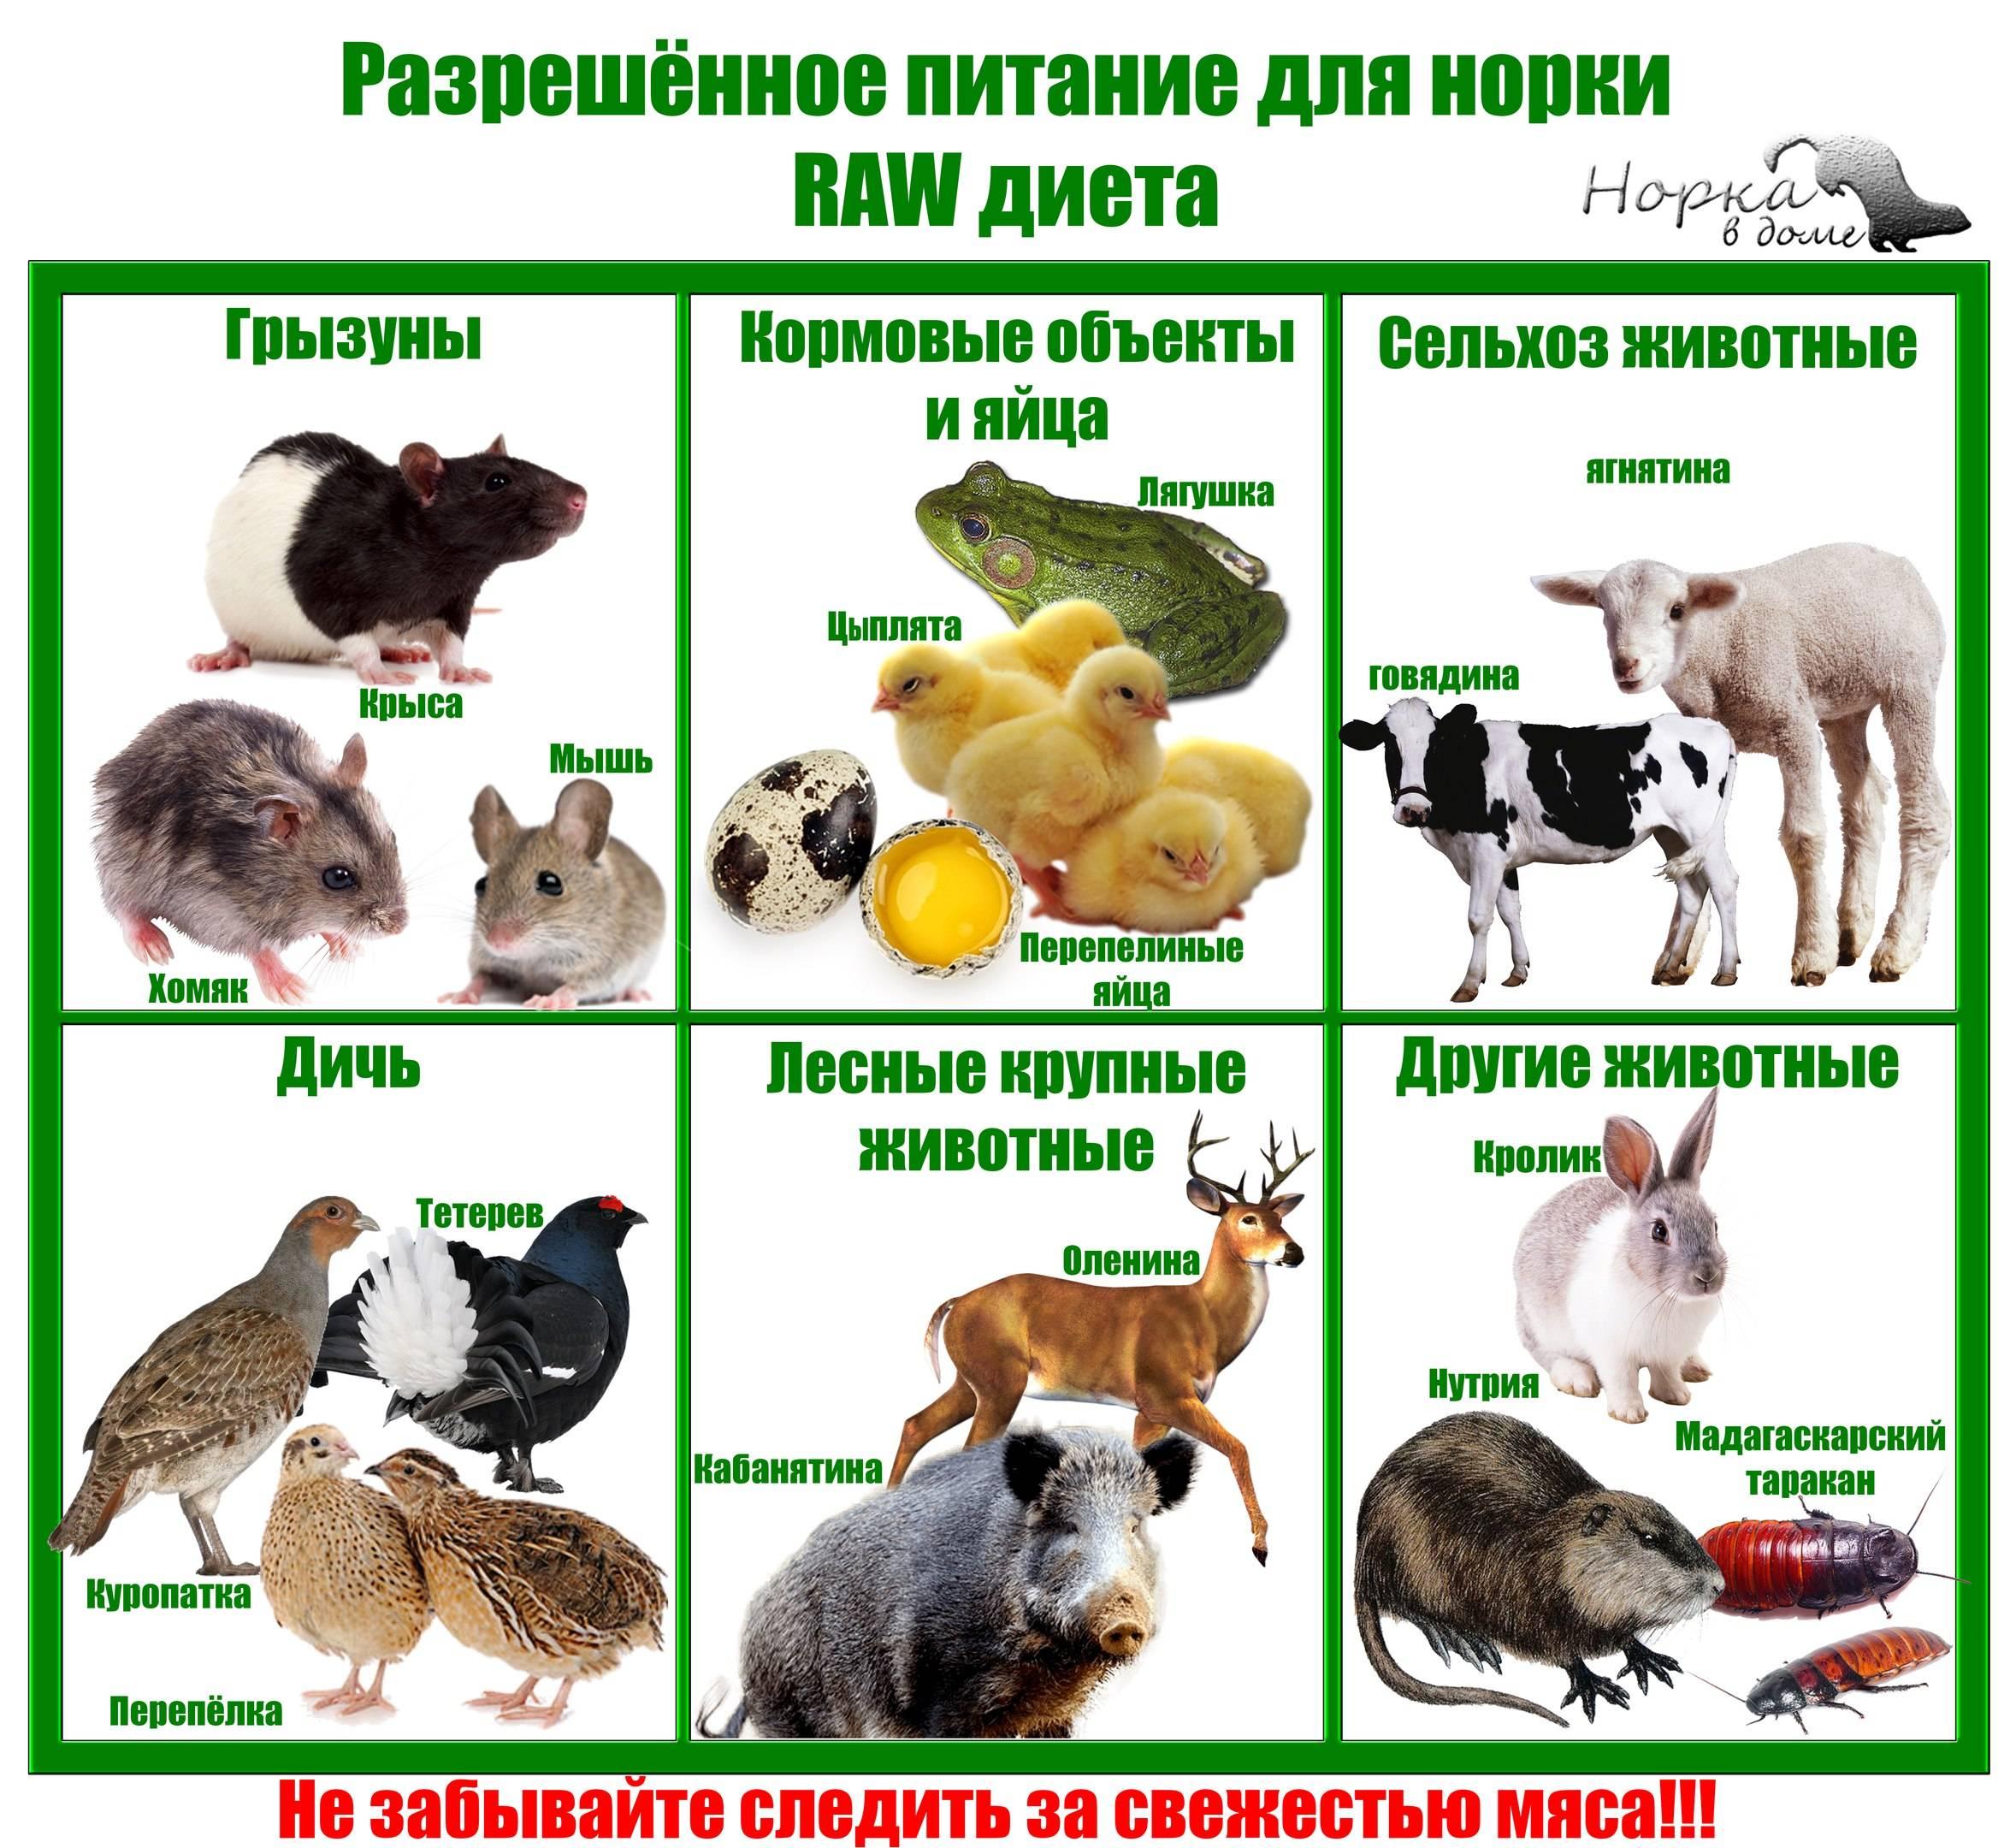 Дикие домашние животные: плюсы и минусы содержания хищных животных дома в качестве питомца. кого можно держать в домашних условиях?